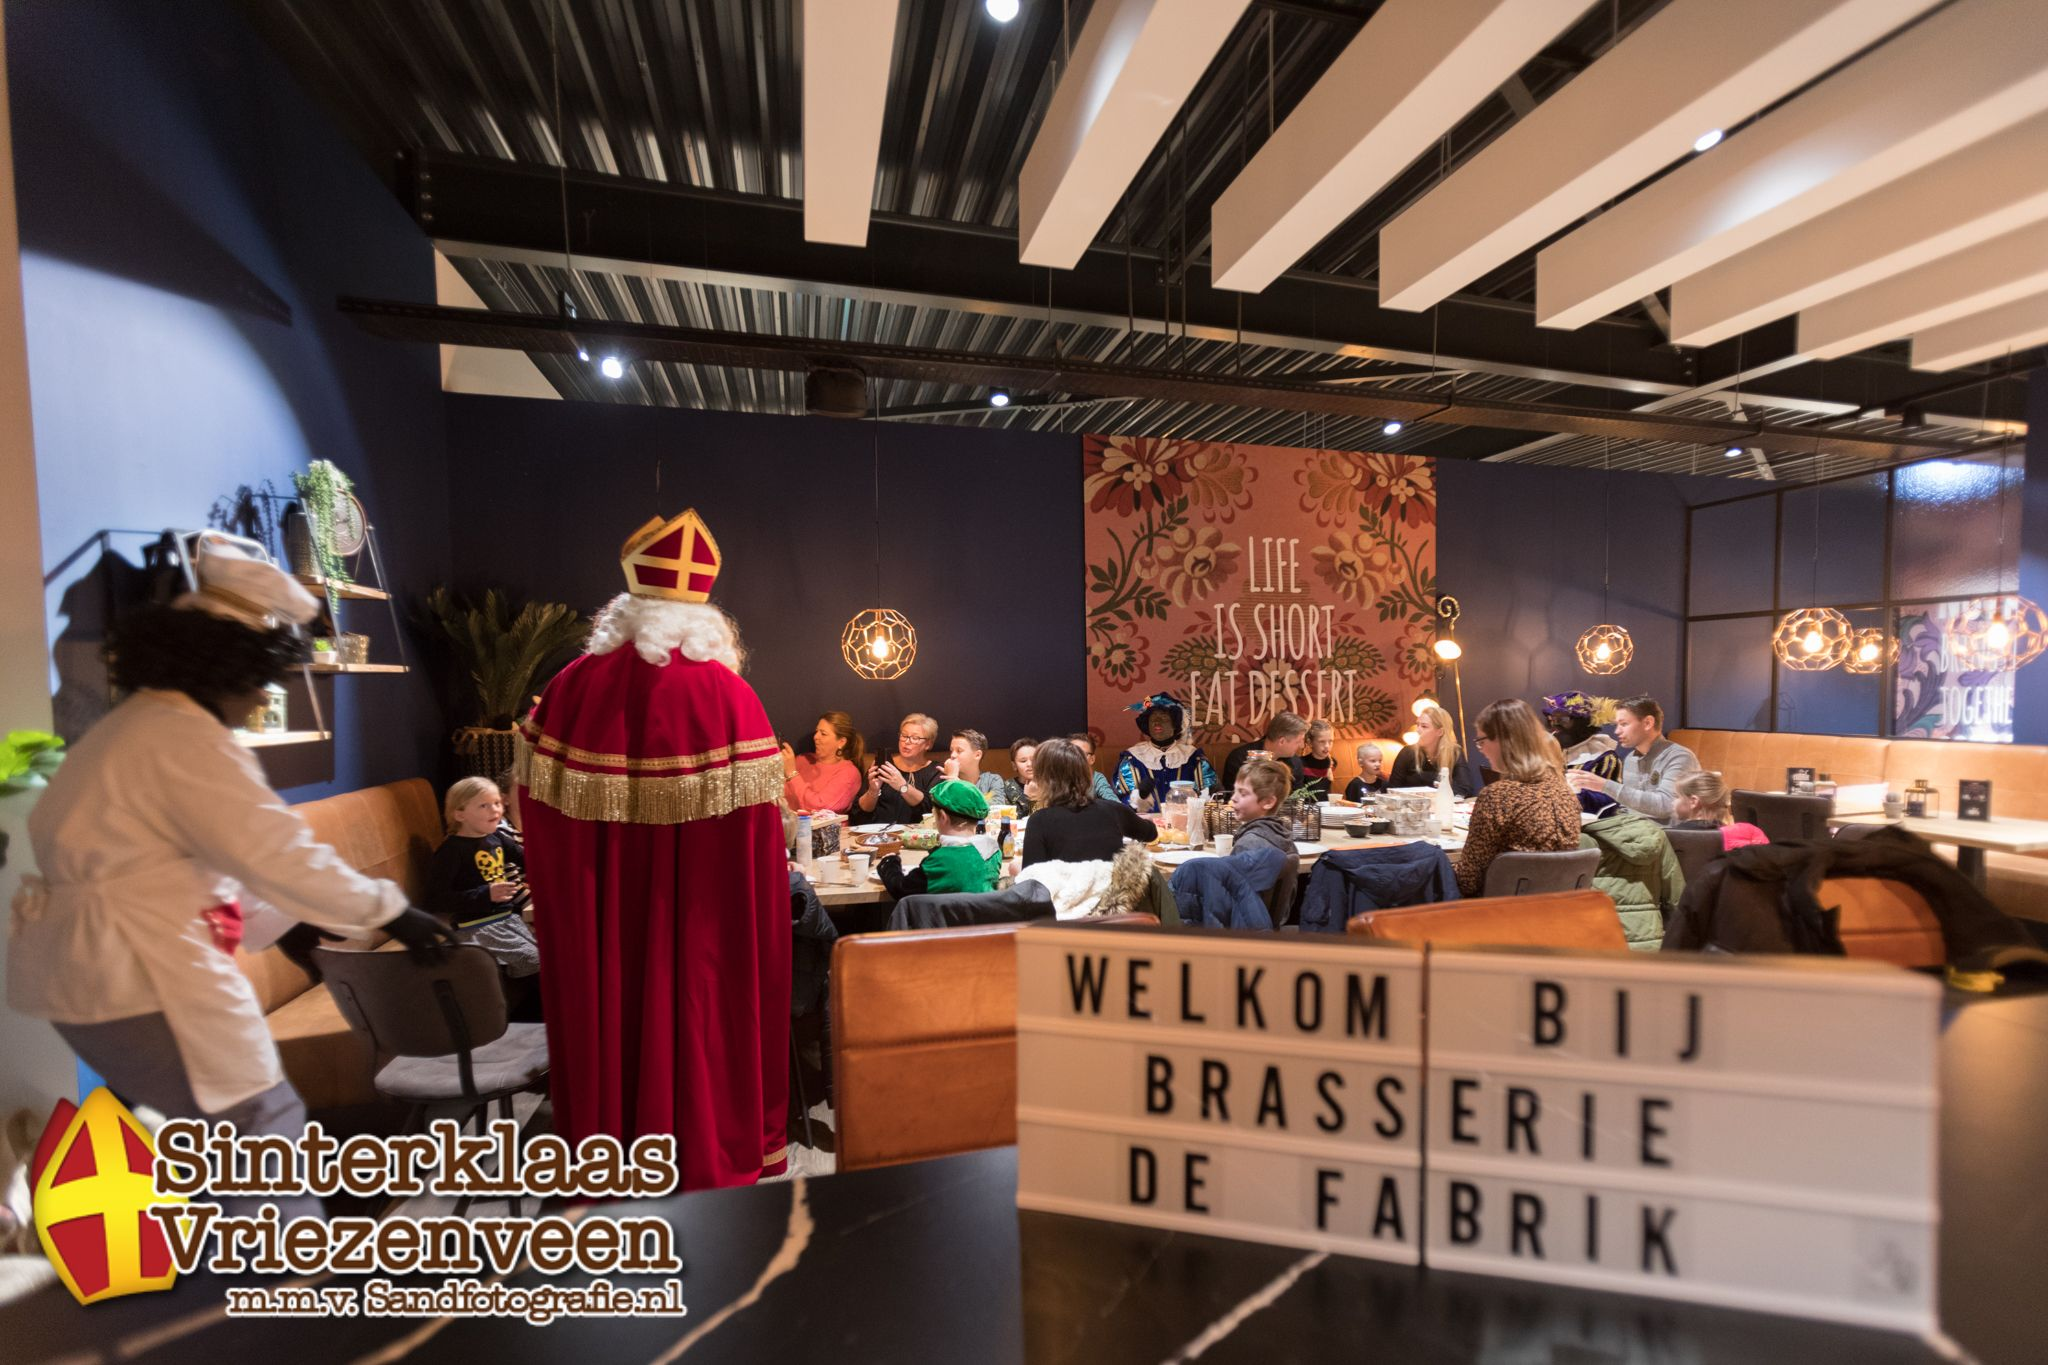 30-11-'19 Lunchen met Sinterklaas bij Löwik Meubelen  Vriezenveen Sand Fotografie